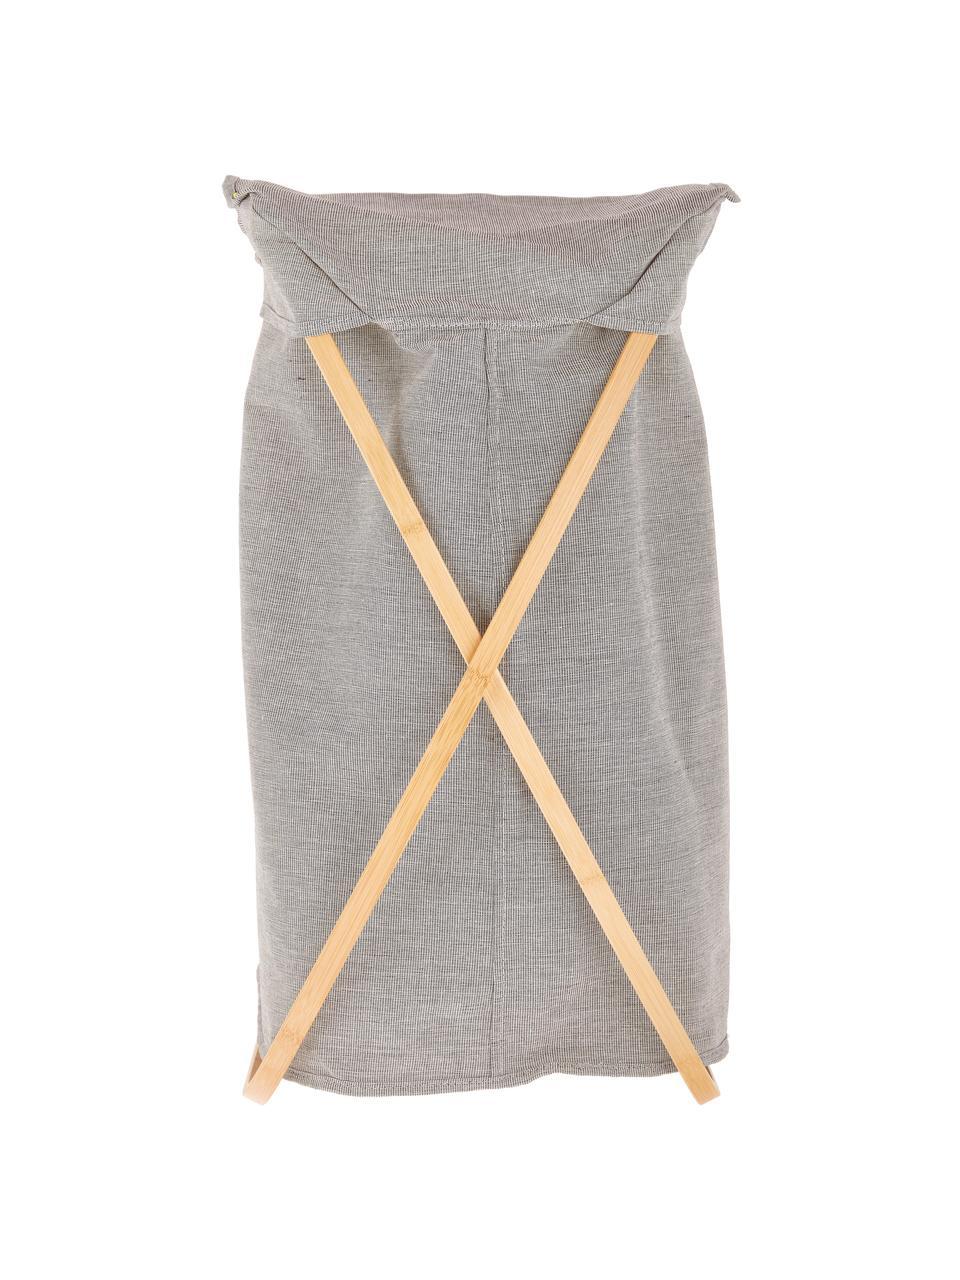 Wäschekorb Maya, Gestell: Bambus, Wäschekorb: HellgrauGestell: Beige, 39 x 66 cm